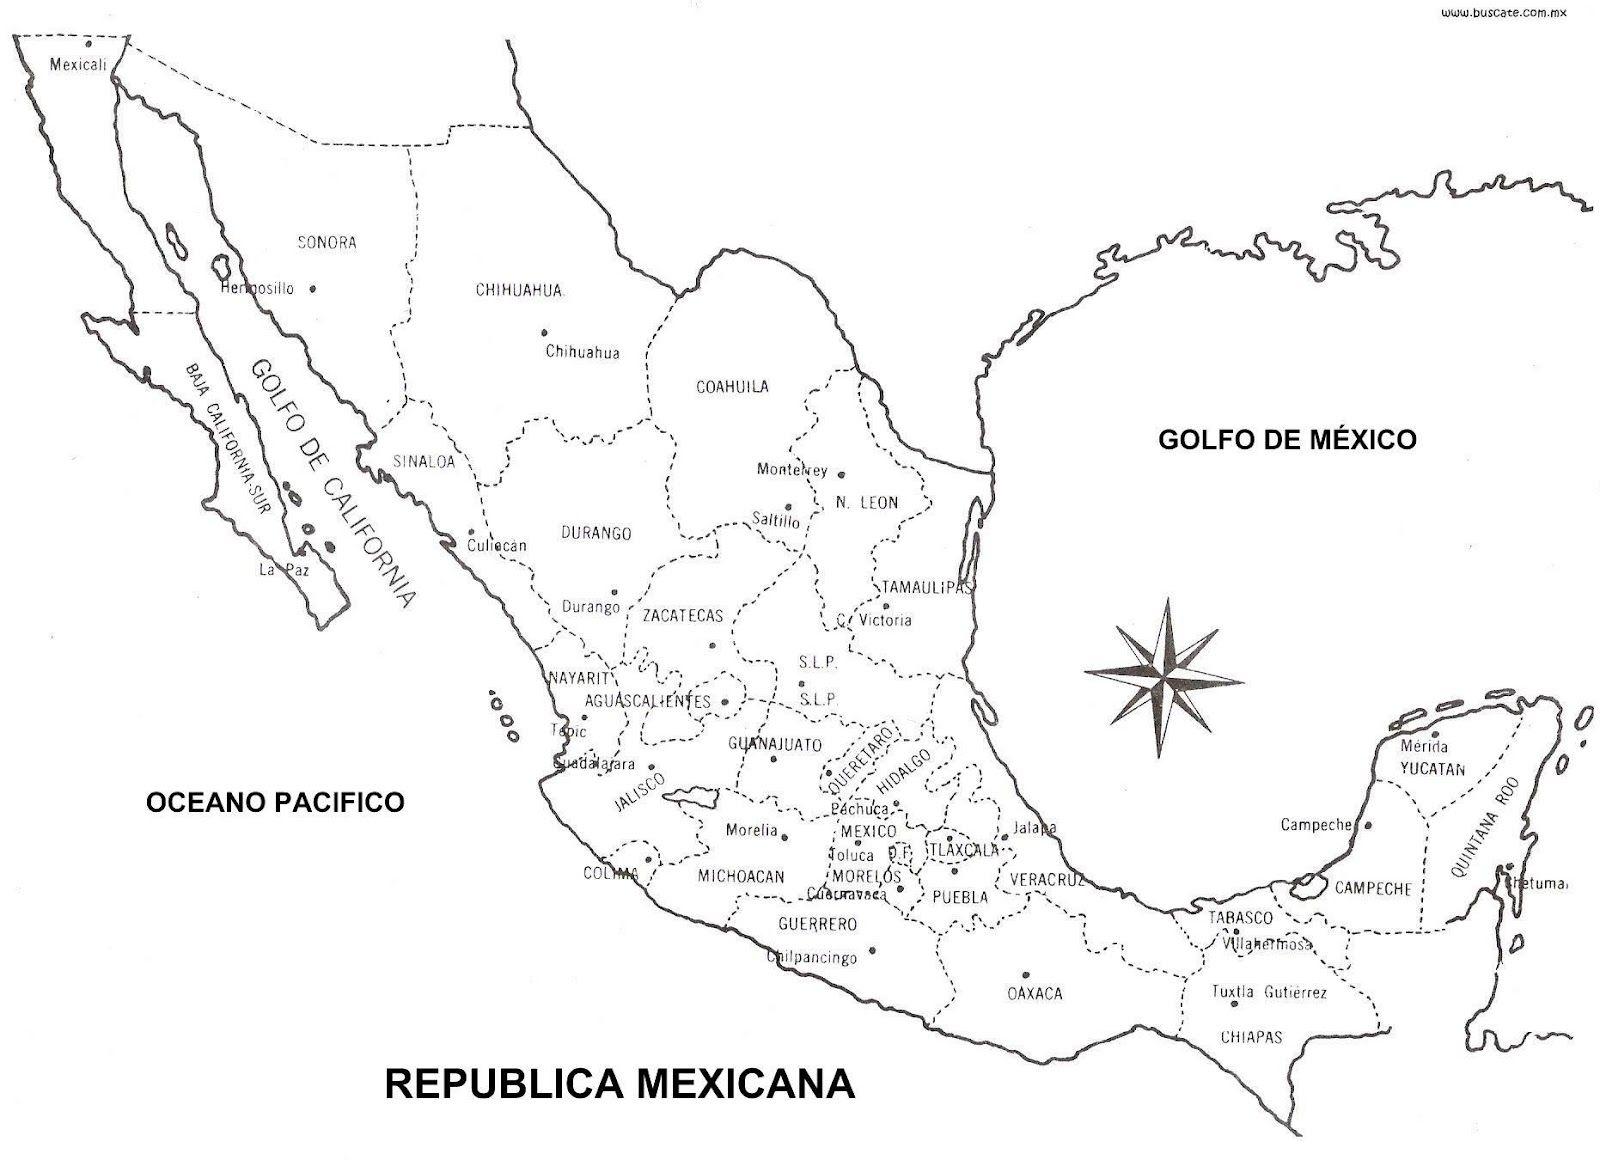 Mapa De Mexico Orografico Hidrografico Con Sin Nombres